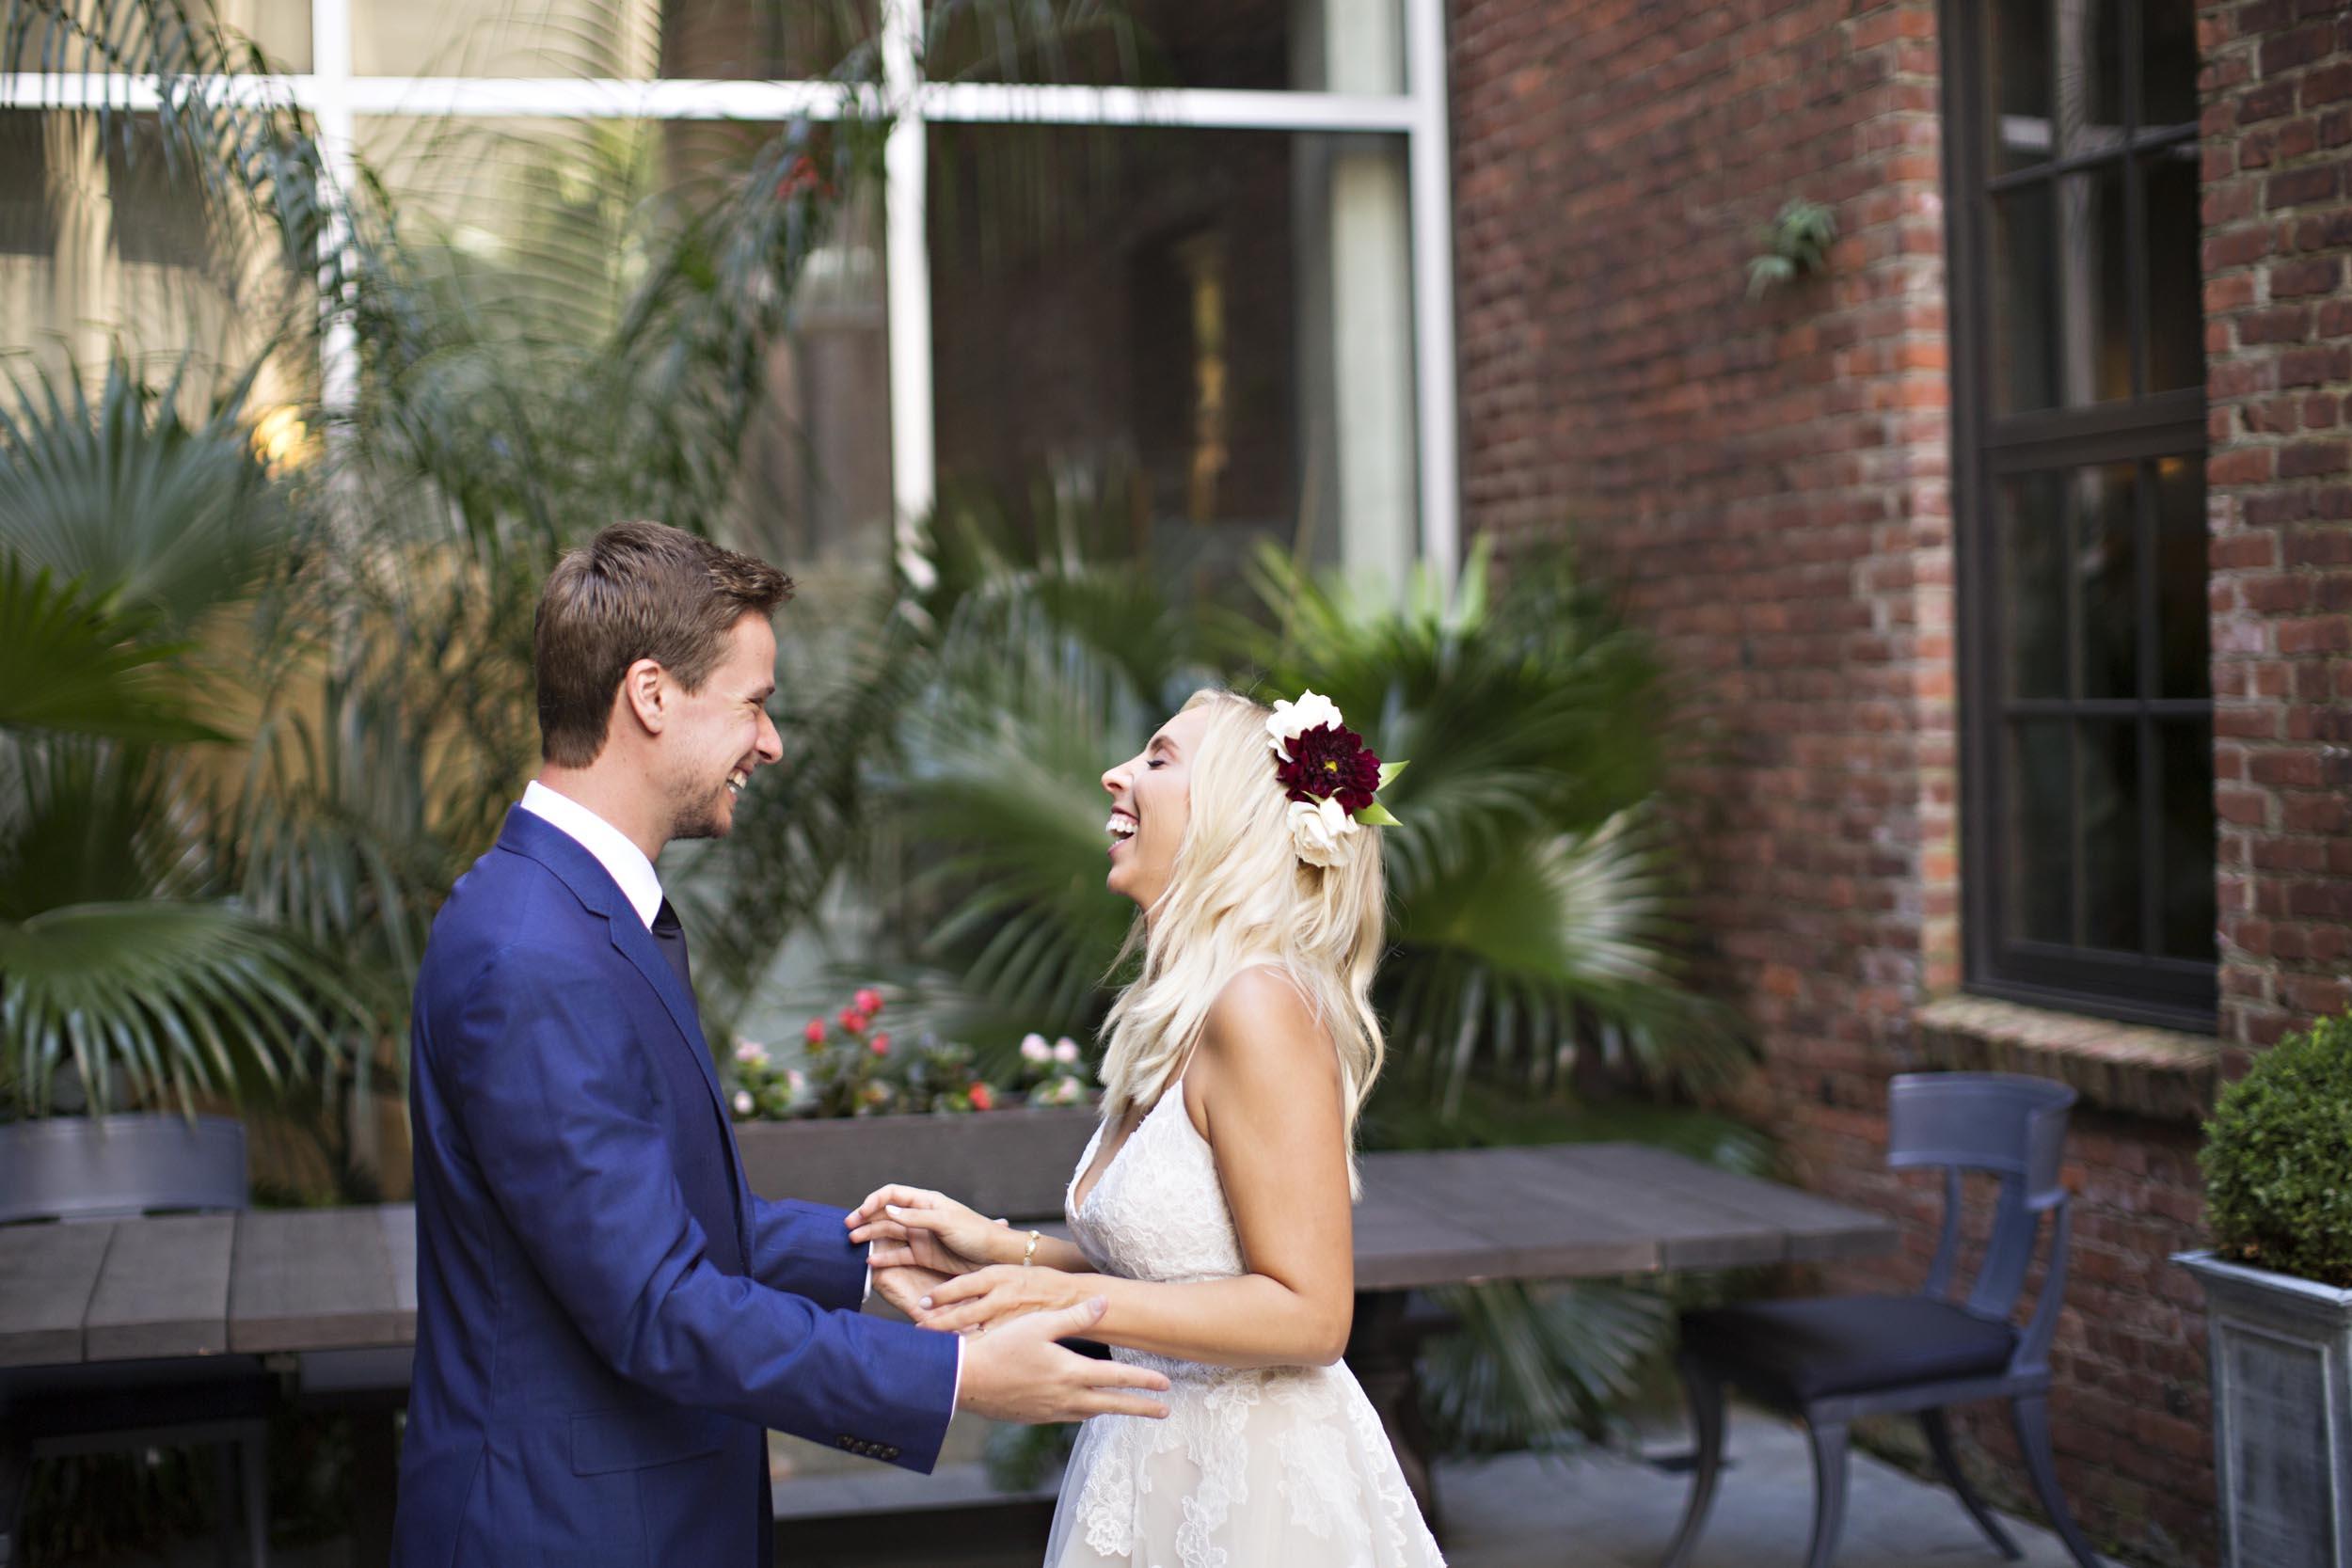 weddings-charleston06.JPG